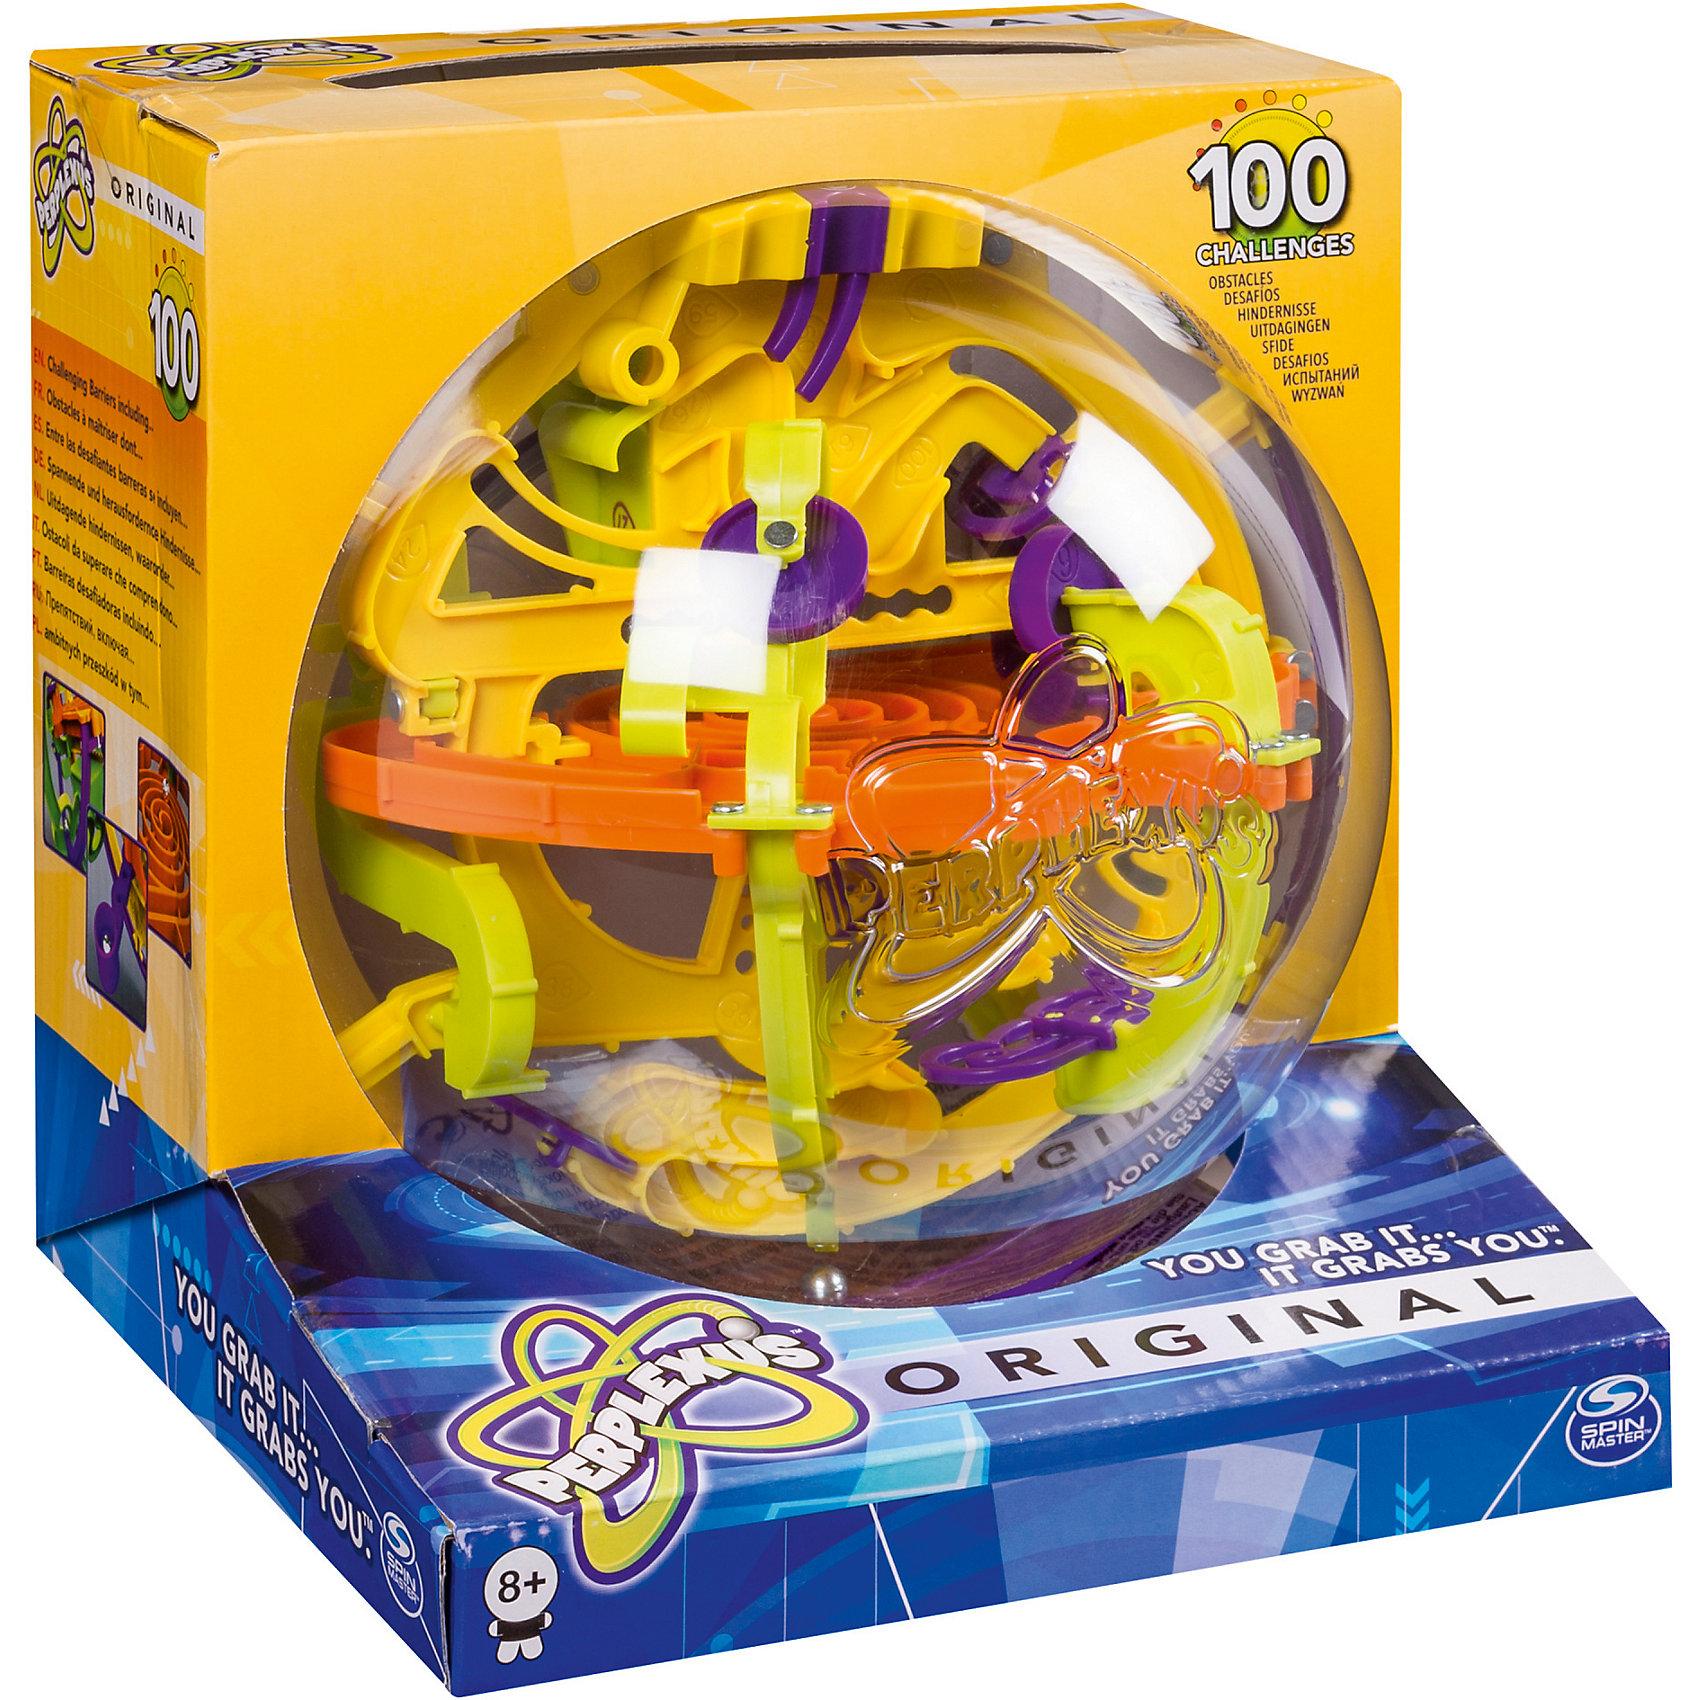 Головоломка Perplexus Original, 100 барьеров, Spin MasterХиты продаж<br>Головоломка Perplexus Original, 100 барьеров, Spin Master – шар-лабиринт со множеством препятствий, переходов и барьеров. Эта трехмерная головоломка насчитывает около 100 шагов. Цель игры — прокатить маленький металлический шарик внутри большой сферы через все препятствия, поворачивая сферу-лабиринт. Игрушка способствует развитию логики, внимательности и усидчивости, пространственного мышления.<br><br>Такому отменному подарку обязательно будет рад ваш ребенок! <br><br>Дополнительная информация:<br><br>- Размер упаковки (ДхШхВ), см: 19,5 х 20,0 х 18,5<br>- Диаметр шара: около 20 см.<br>- Вес: 520 г.<br><br>Головоломку Perplexus Original, 100 барьеров, Spin Master можно купить в нашем интернет-магазине<br><br>Ширина мм: 189<br>Глубина мм: 197<br>Высота мм: 200<br>Вес г: 372<br>Возраст от месяцев: 72<br>Возраст до месяцев: 144<br>Пол: Унисекс<br>Возраст: Детский<br>SKU: 3218658